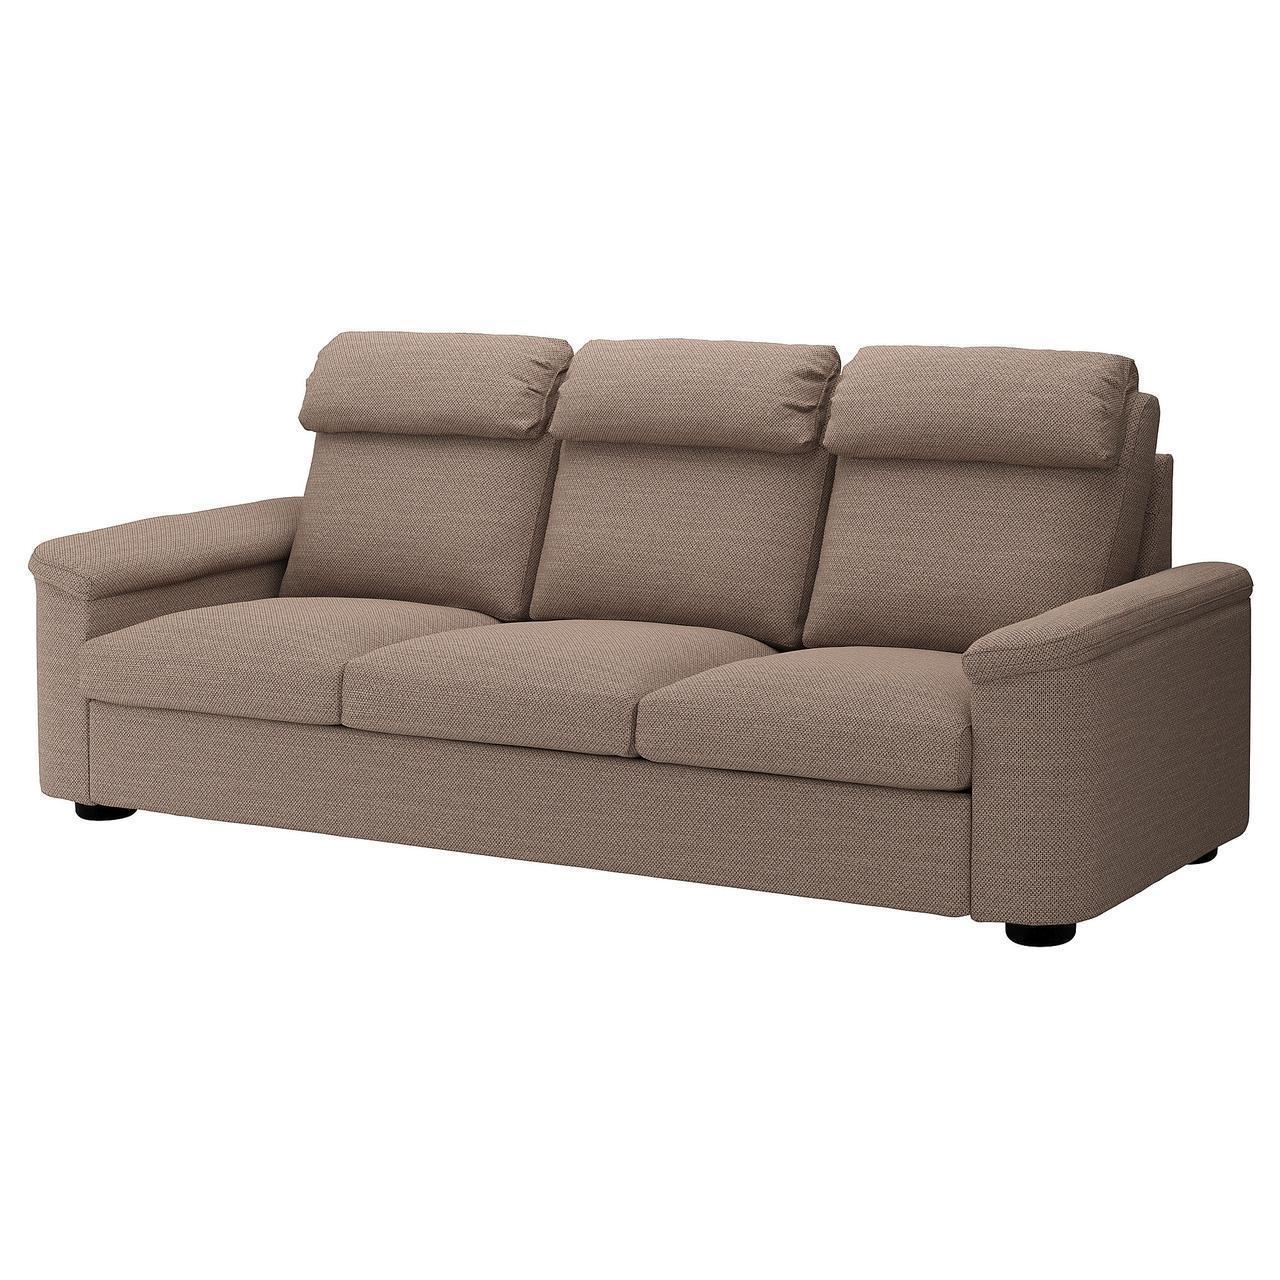 Диван IKEA LIDHULT 3-местный Lejde коричневый 392.569.81